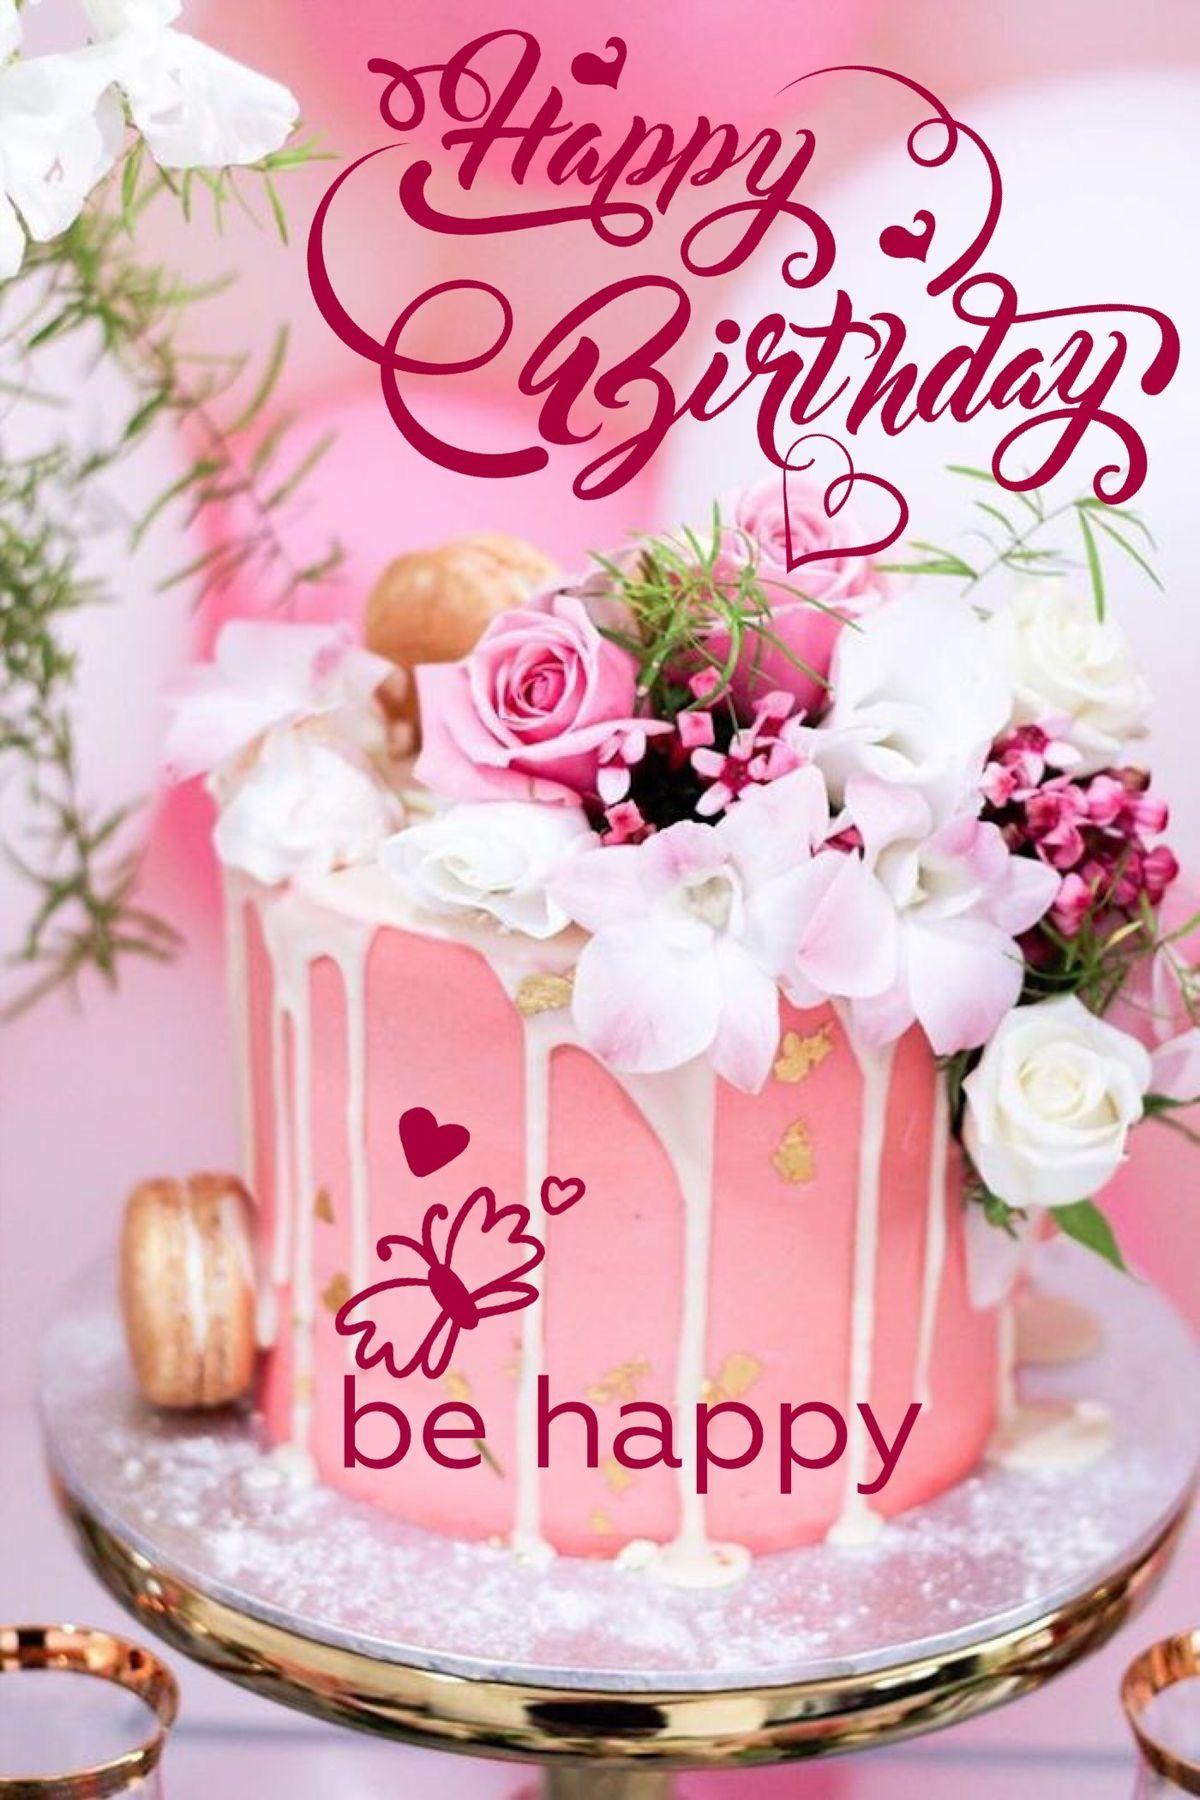 Yo Oralia Feliz cumpleaños Birthday wishes cake, Happy